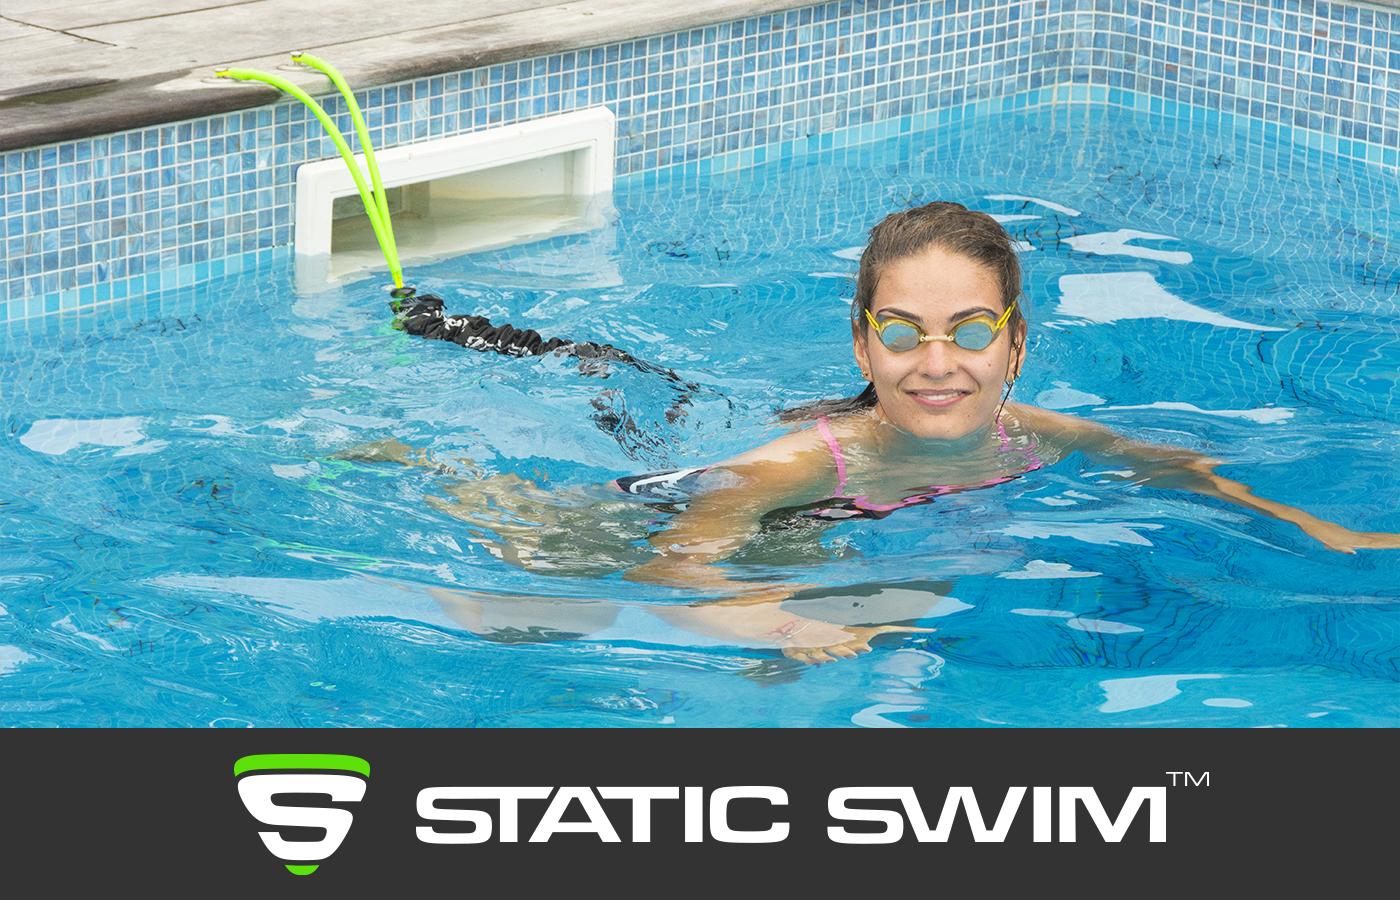 Nage sur place nageuse récupération